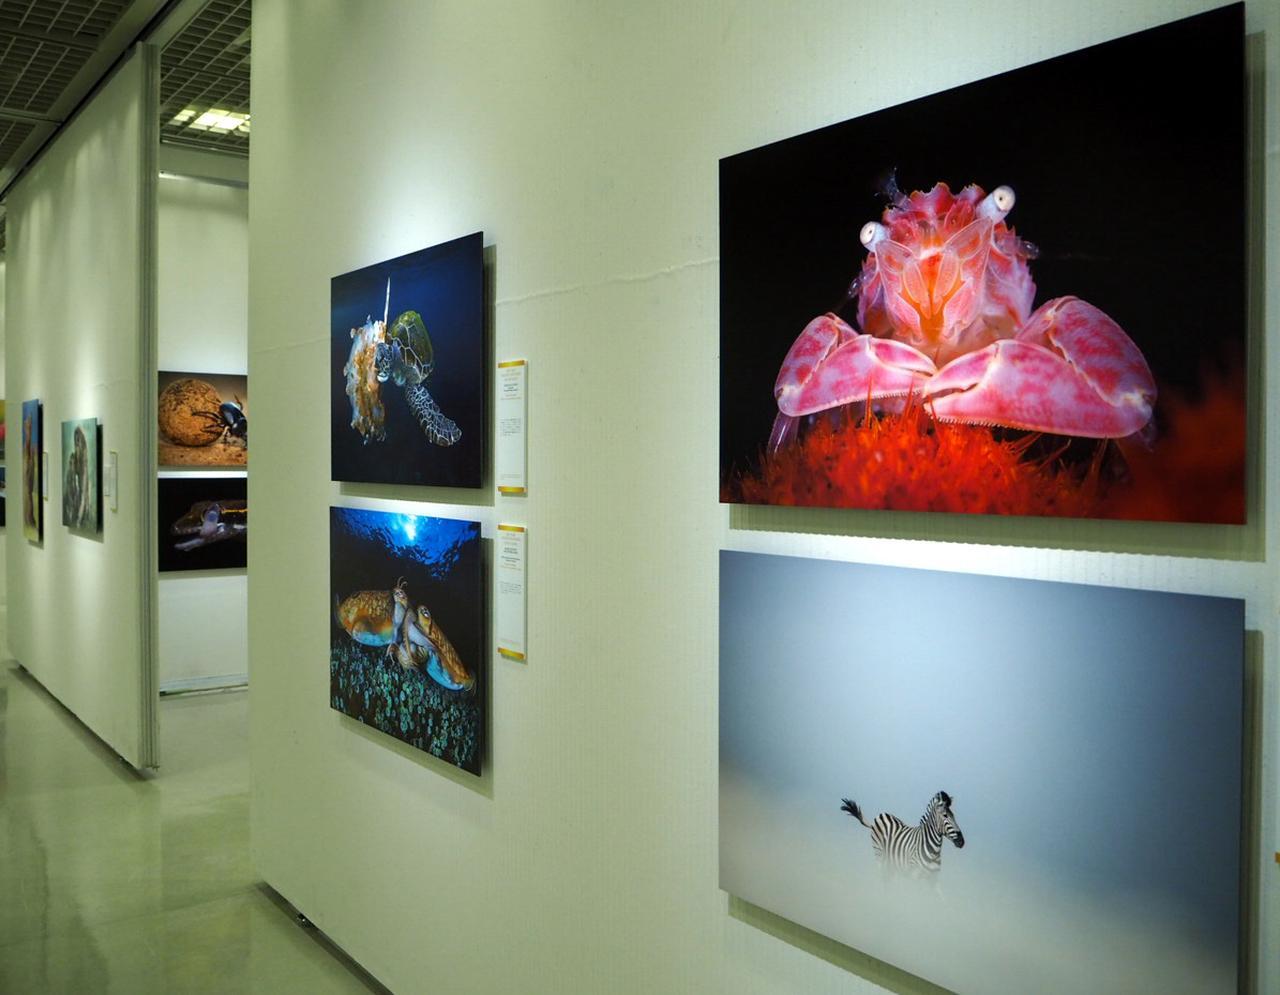 画像: 広い会場に、世界中から応募された作品の中から厳選された入選作品が展示されている。 naturesbestphotography.asia